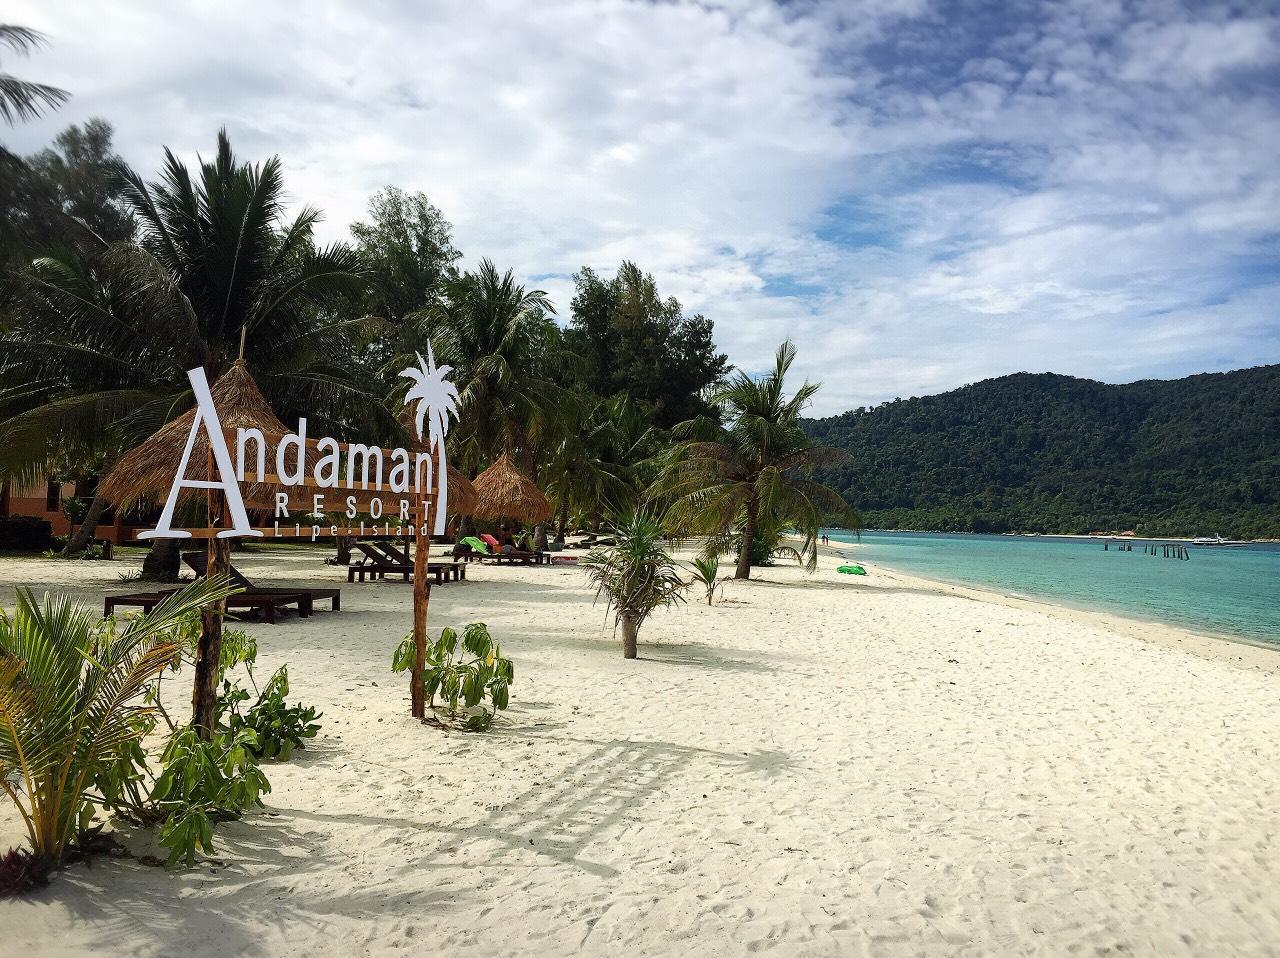 Andaman Resort - Koh Lipe